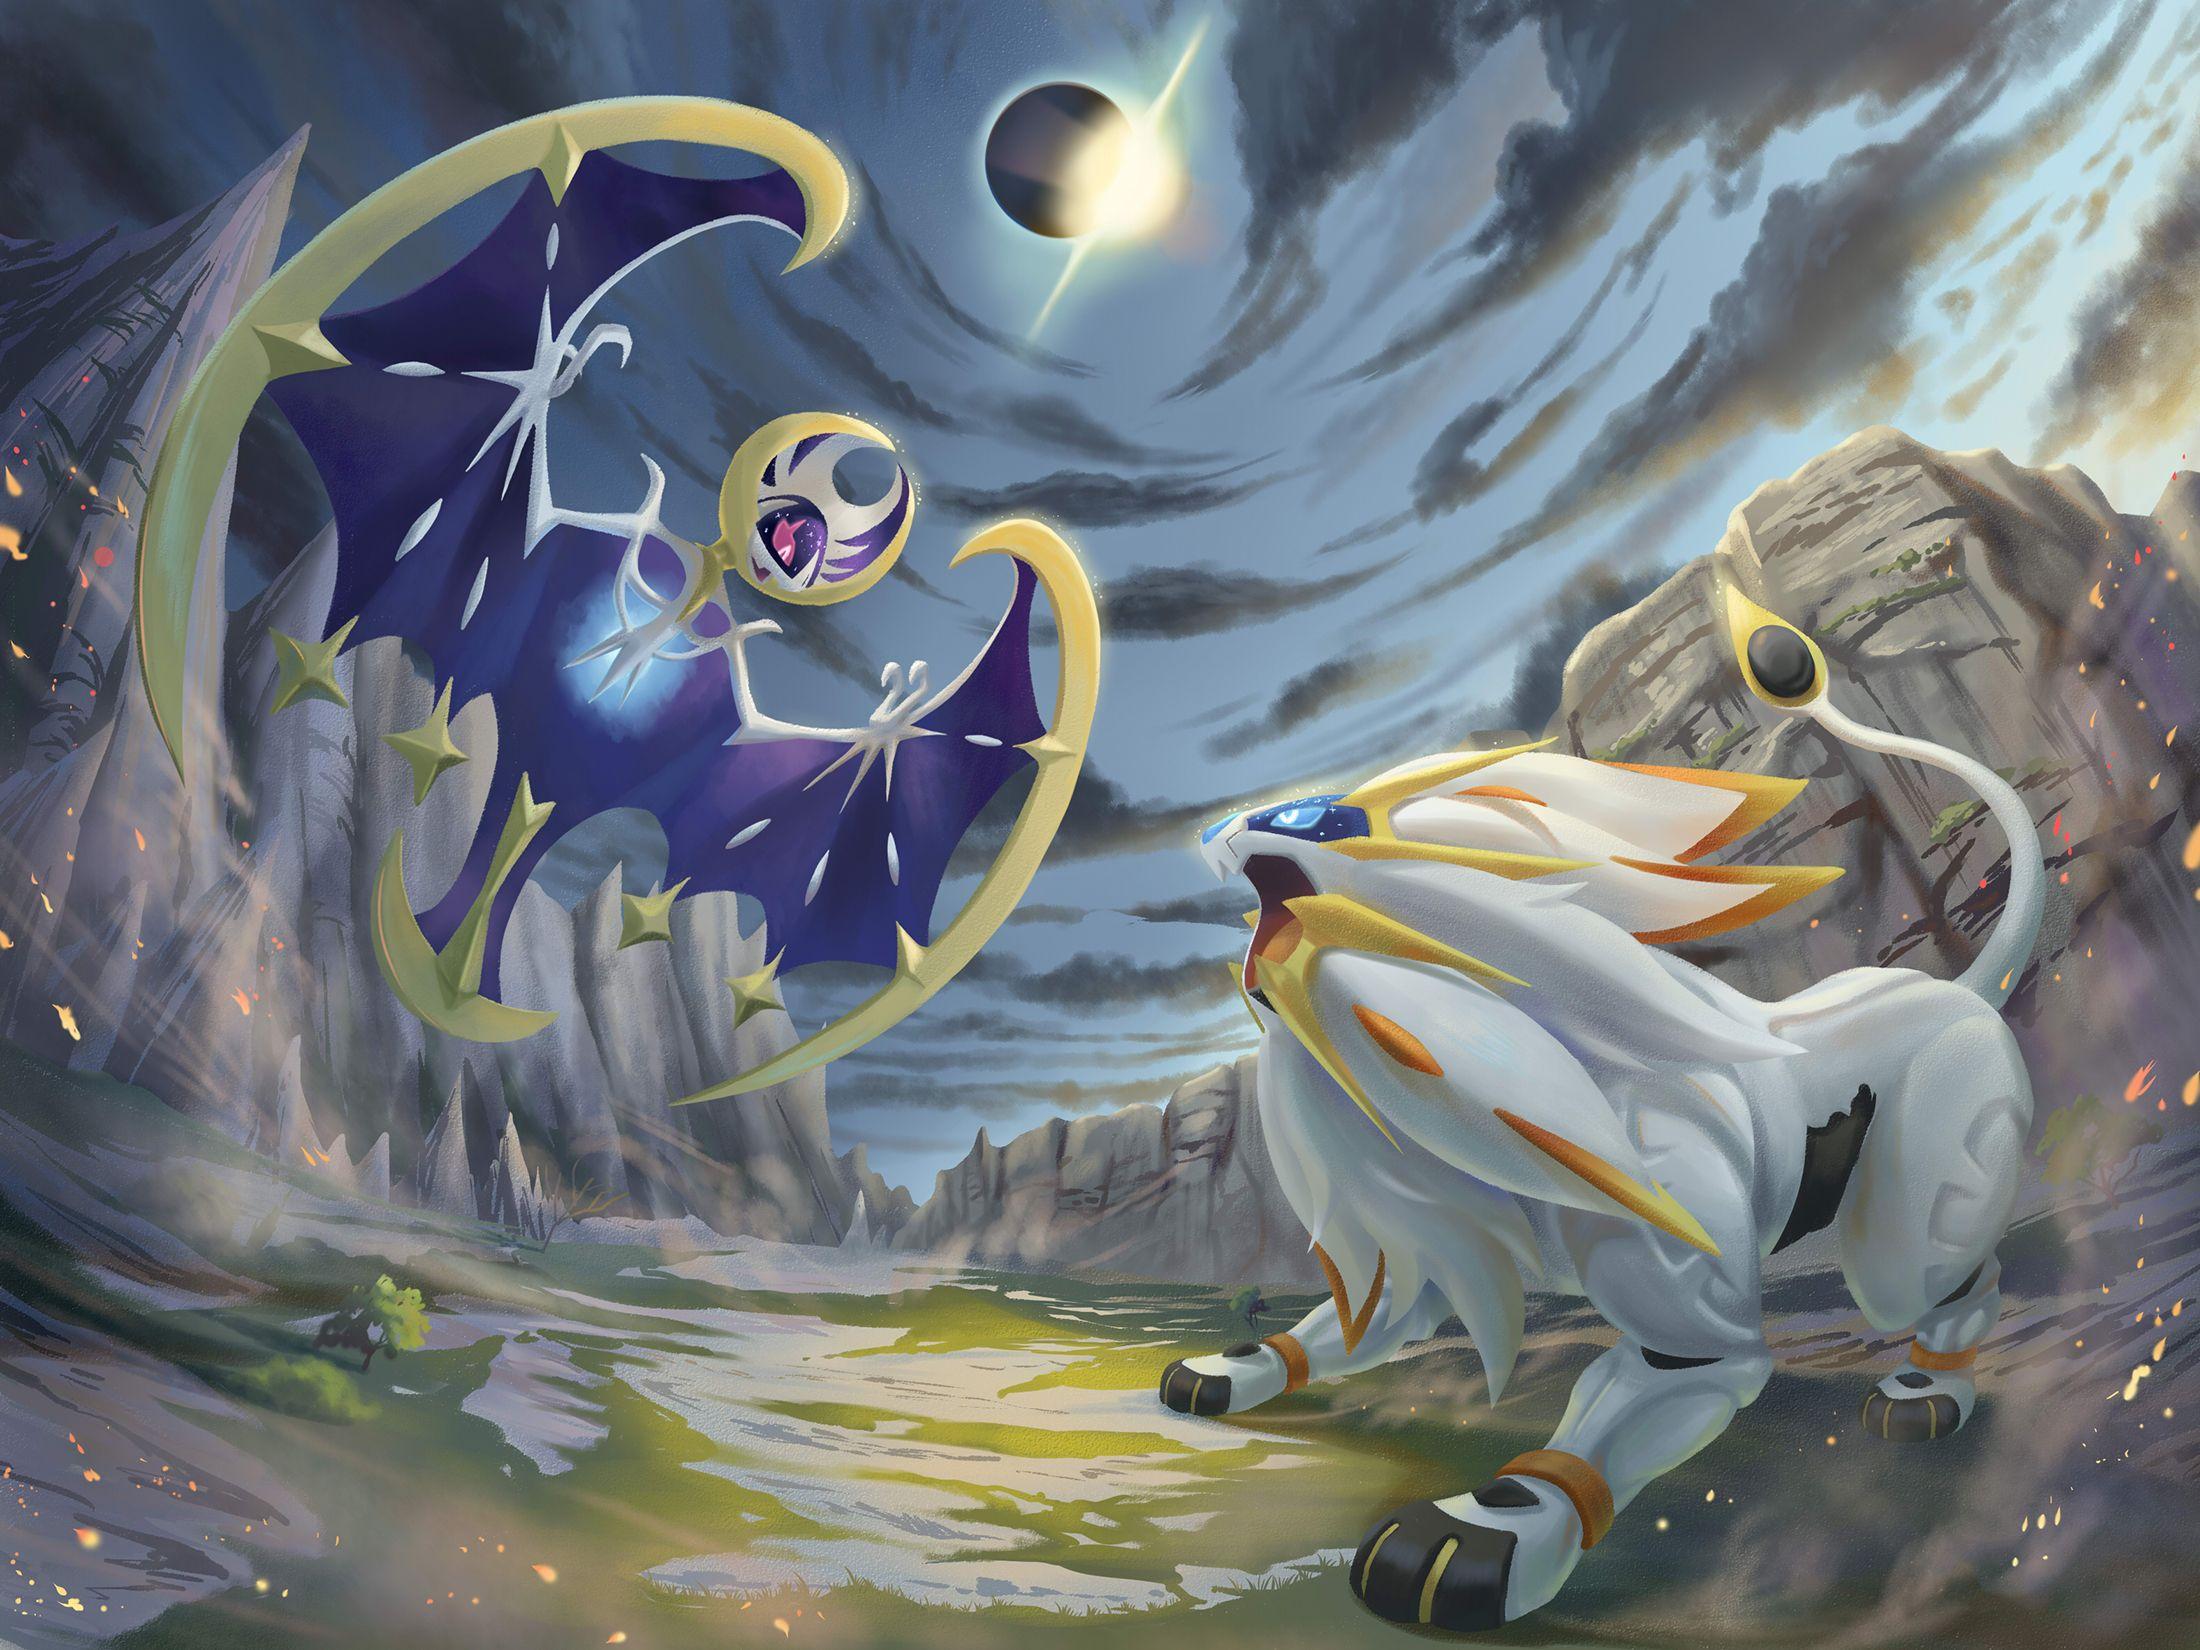 Solgaleo Pokemon Sun and Moon Wallpapers   Top Solgaleo 2200x1650